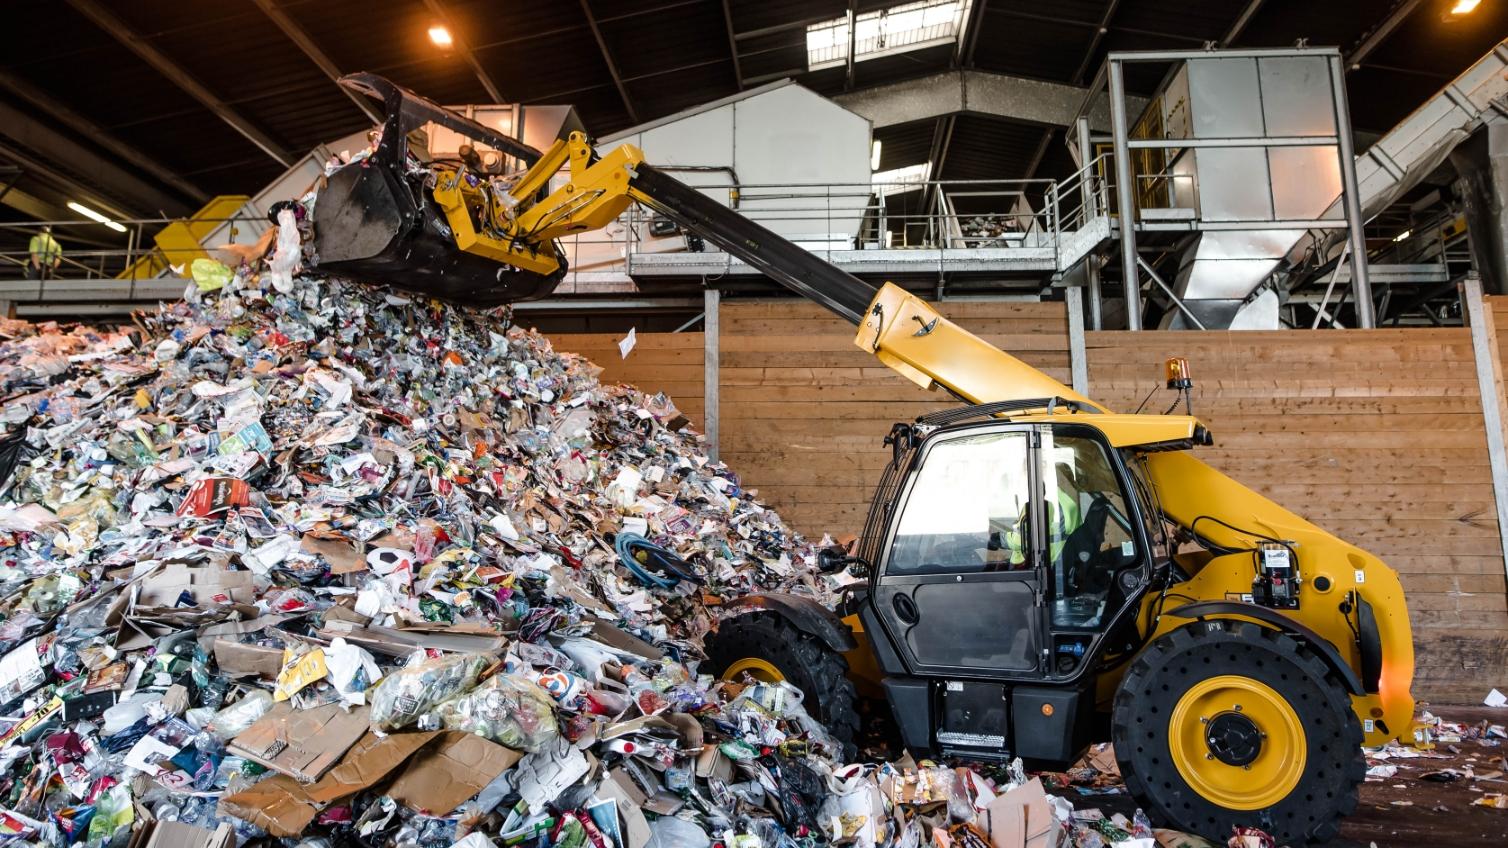 産業廃棄物を運搬・保管する際の表示ルールとは